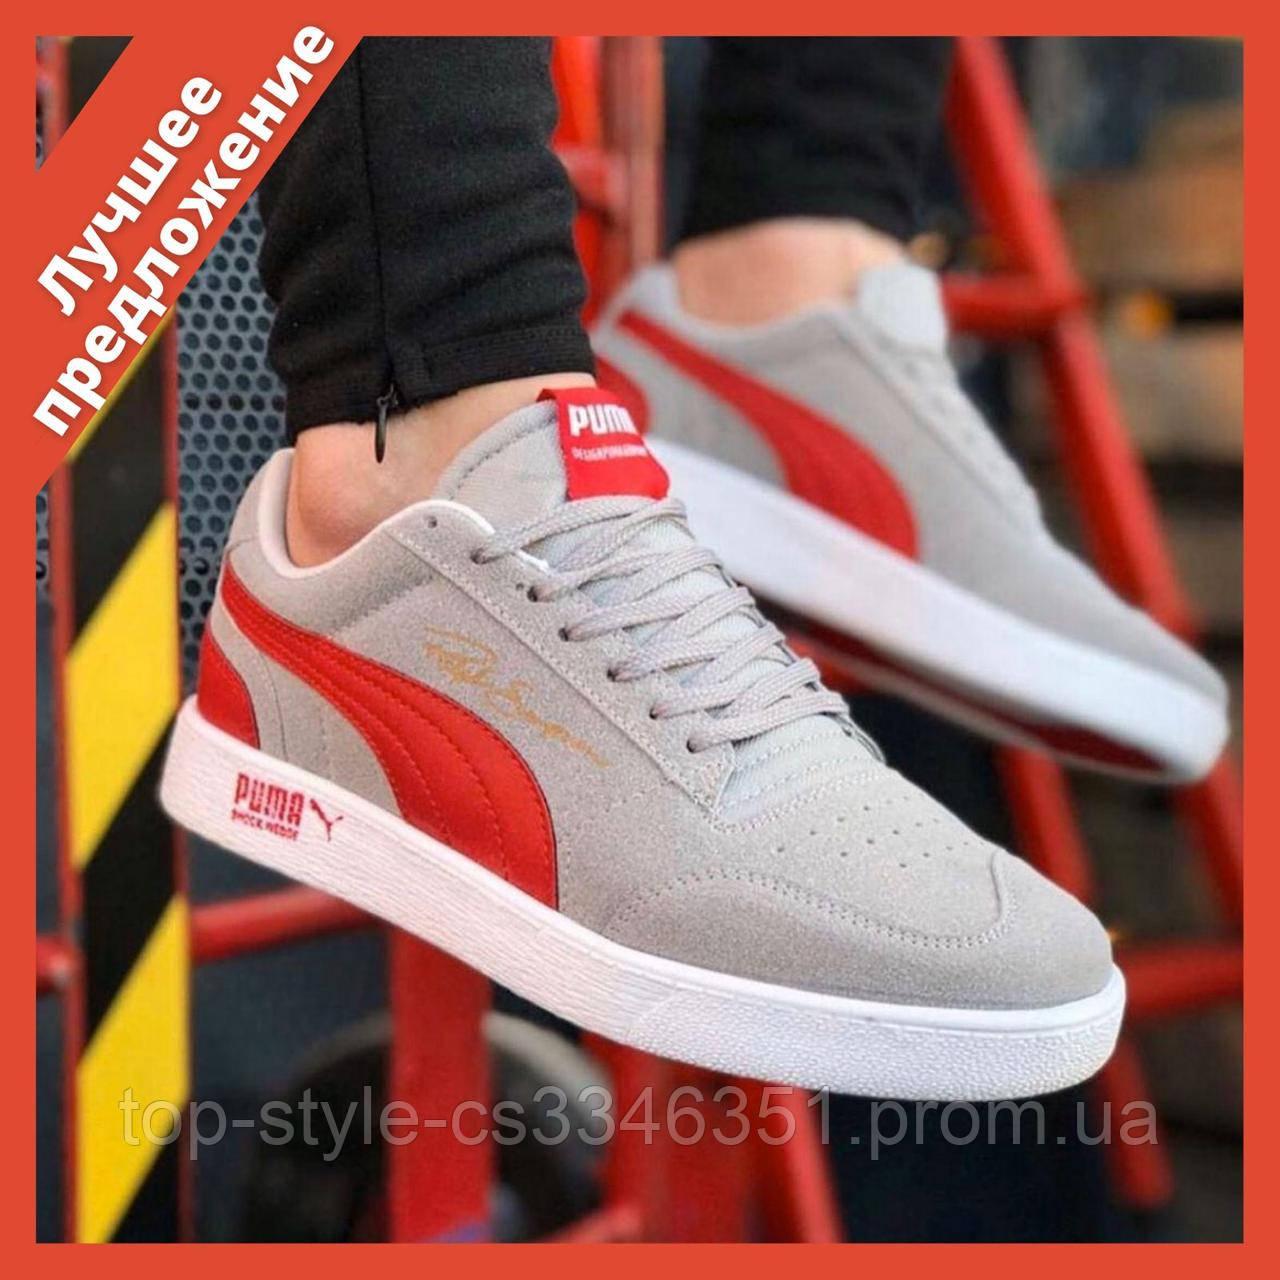 Стильные мужские кроссовки Puma Shock Wedge серого цвета c красным на каждый день